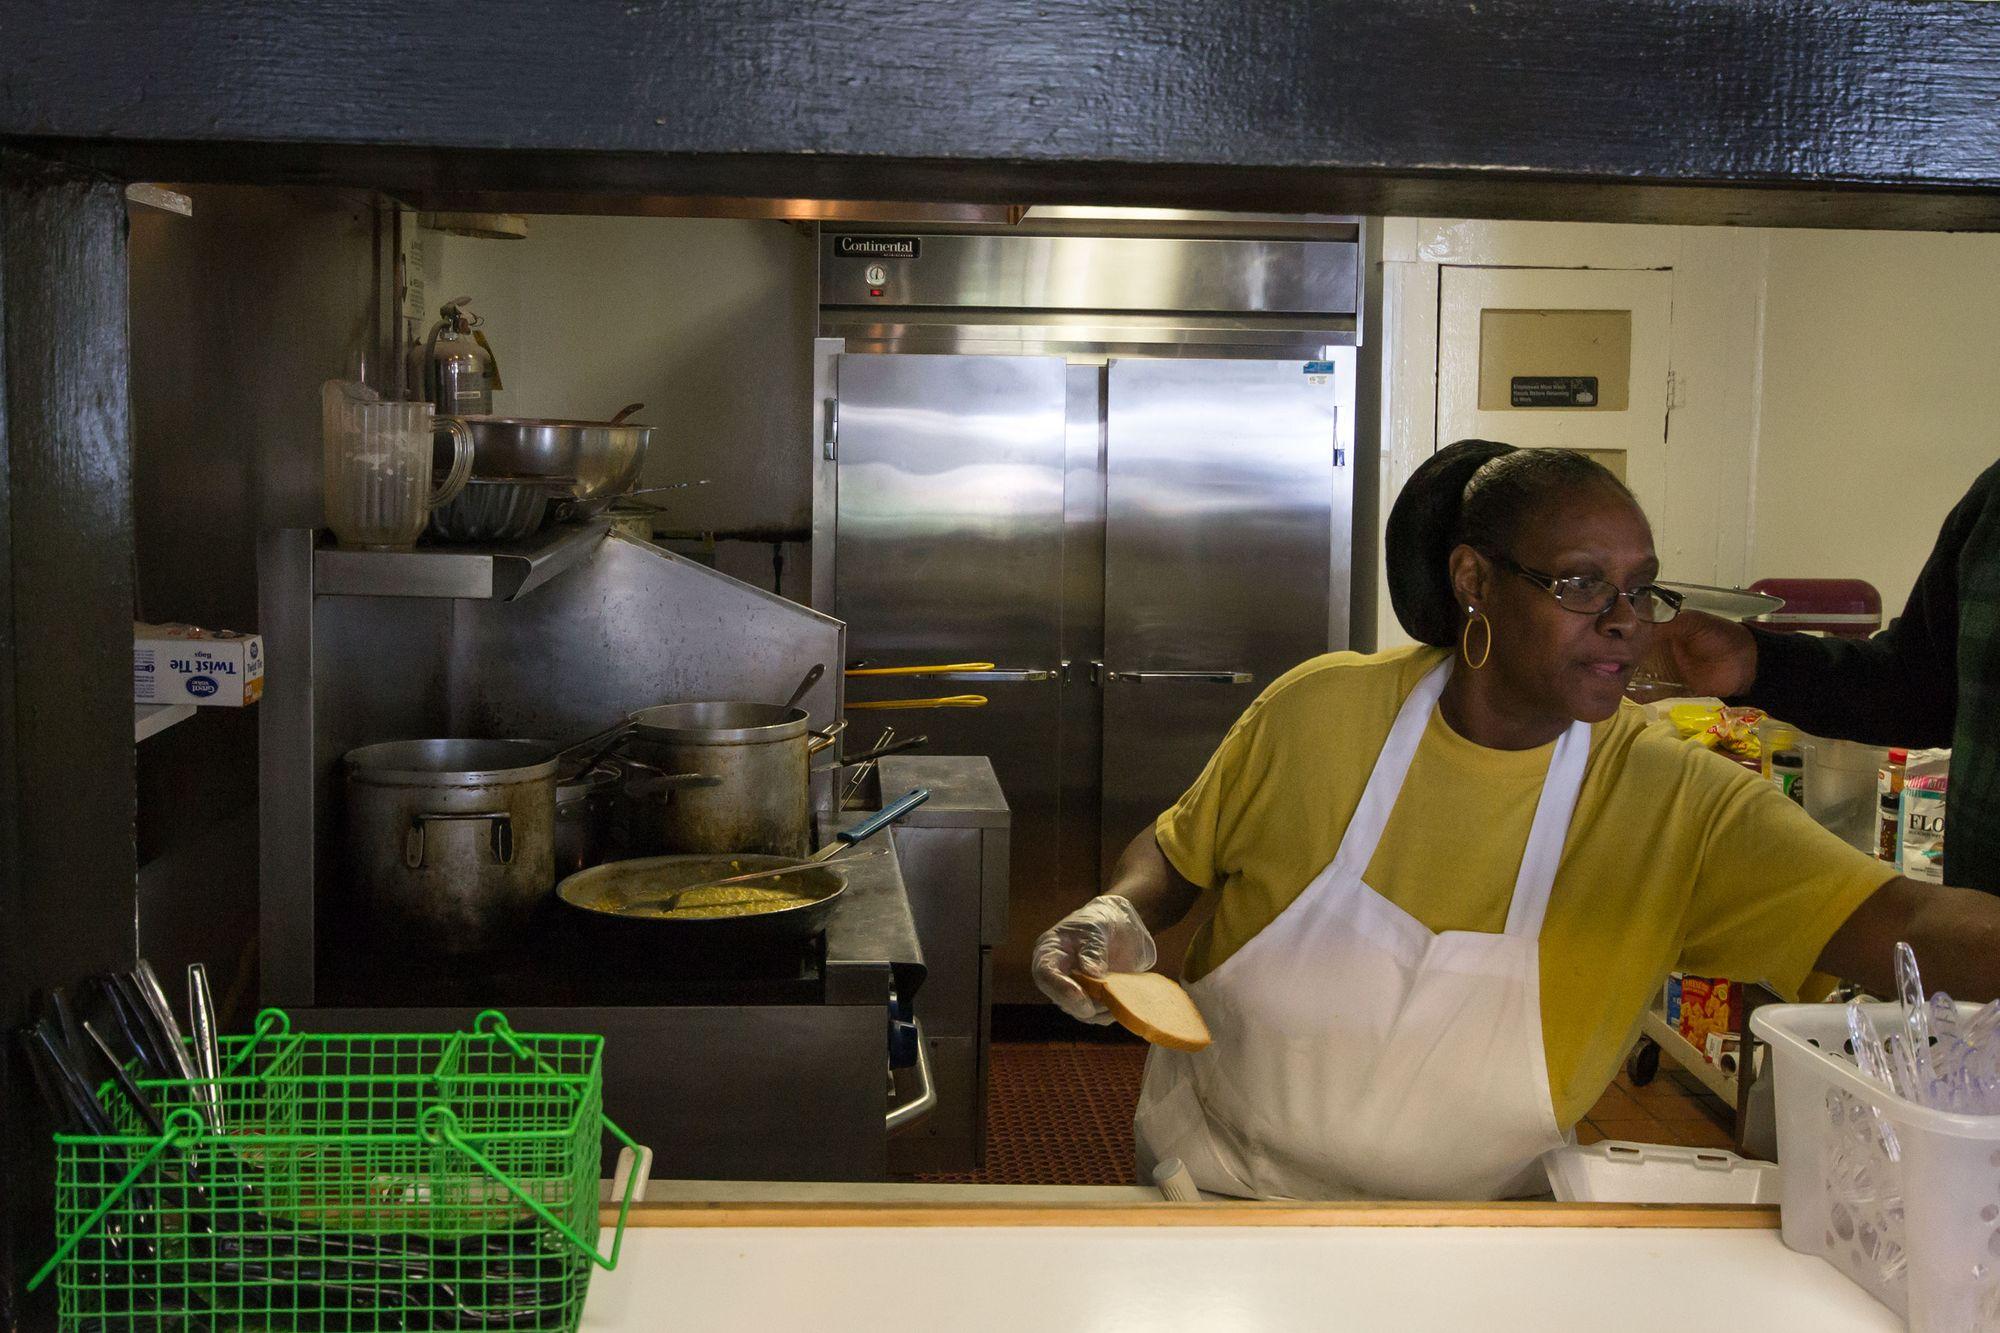 Weaver D's employee preparing food.